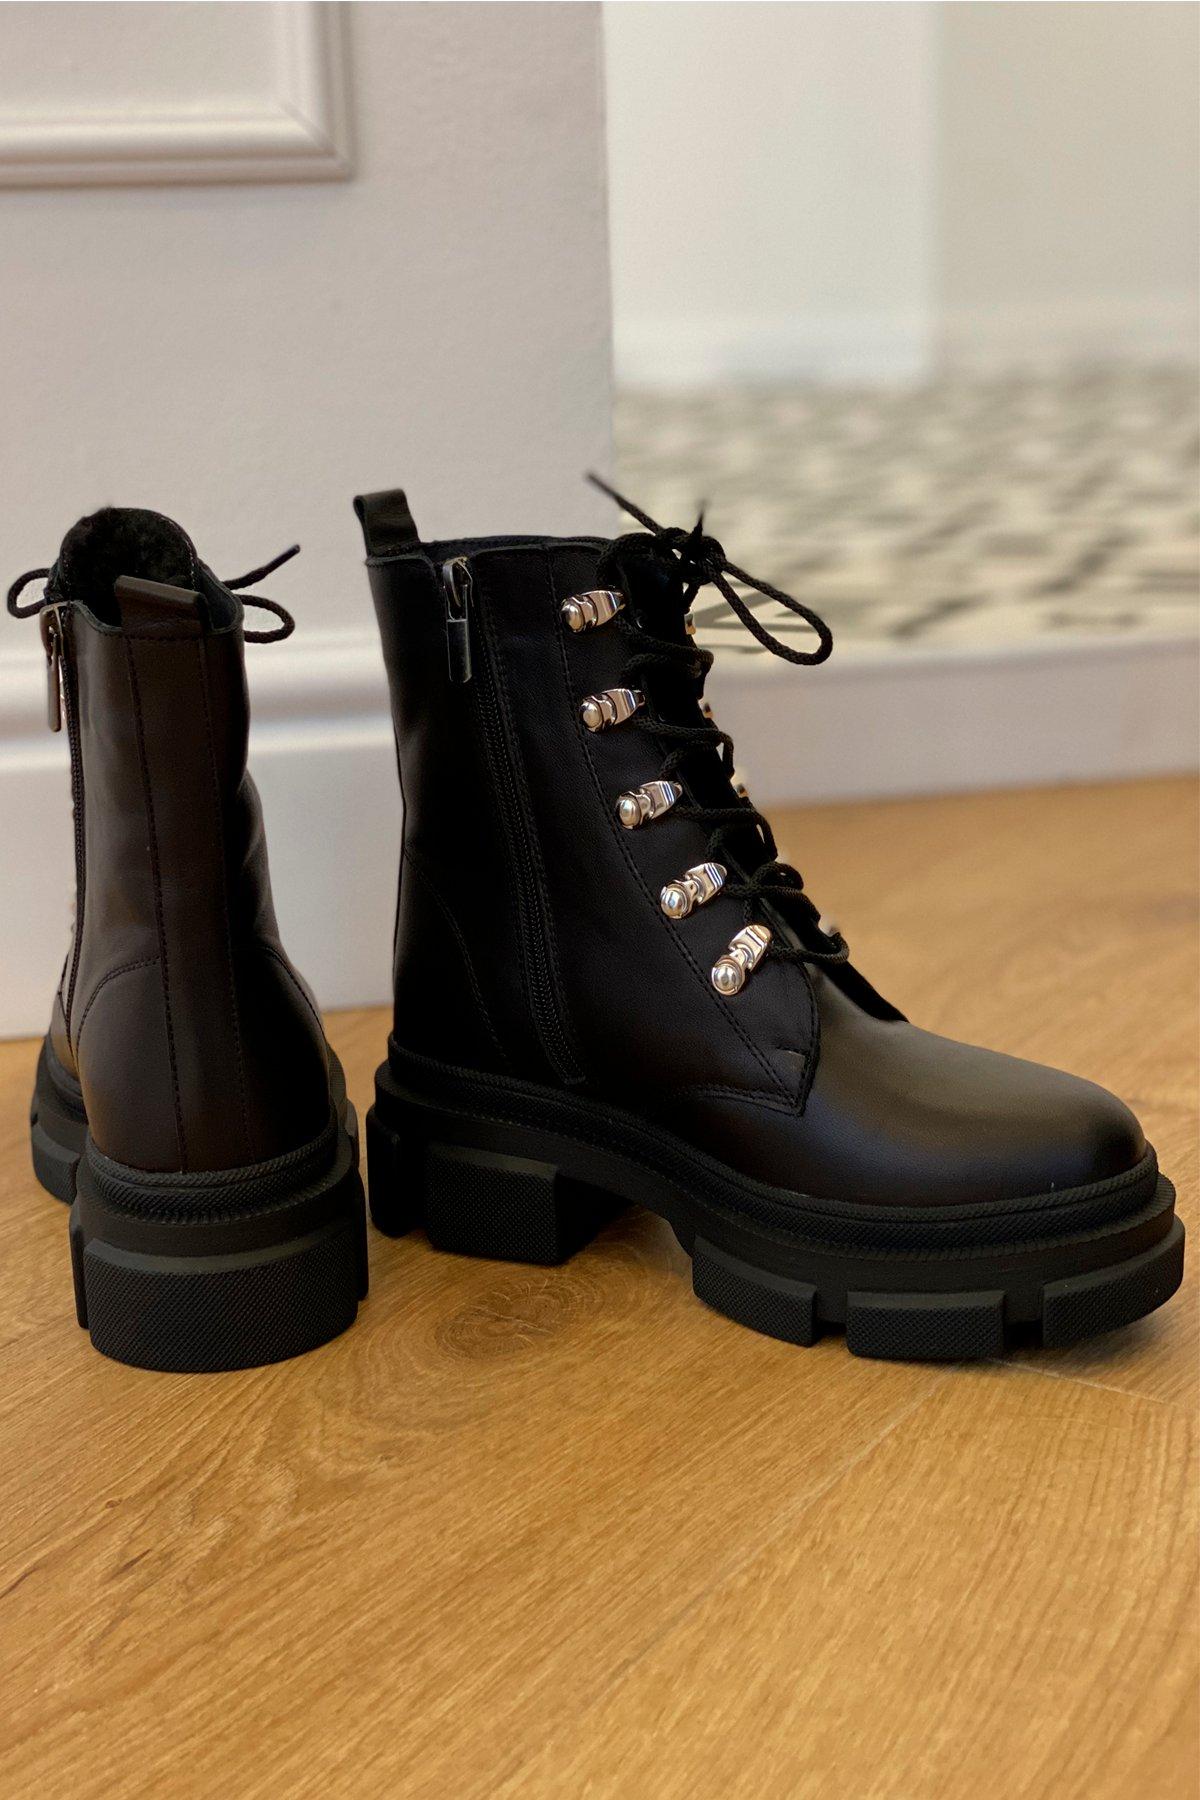 Ботинки зимние 2002 (серебро) АРТ. 46439 Цвет: Черный - фото 2, интернет магазин tm-modus.ru